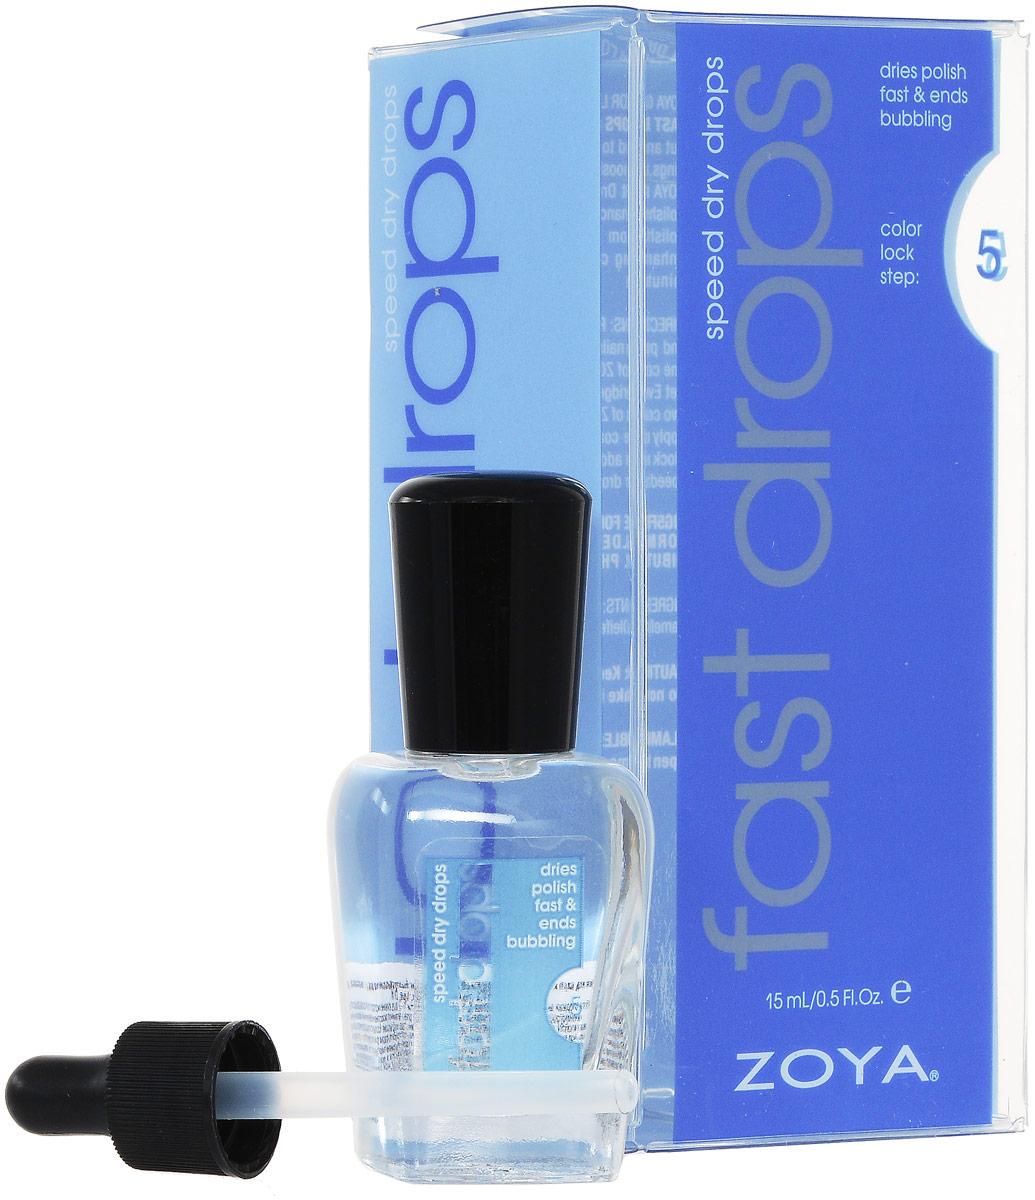 Zoya-Qtica Средство для быстрого высыхания лака для ногтей Fast Drops 15 мл1092018Позволяет высушить лак в два раза быстрее, предотвращая образование пузырей и делая цвет лака еще более насыщенным. Сохраняет яркий идеальный цвет до двух недель при нанесении каждый раз после нанесения верхнего покрытия ZOYA Armor Topcoat каждые два дня.